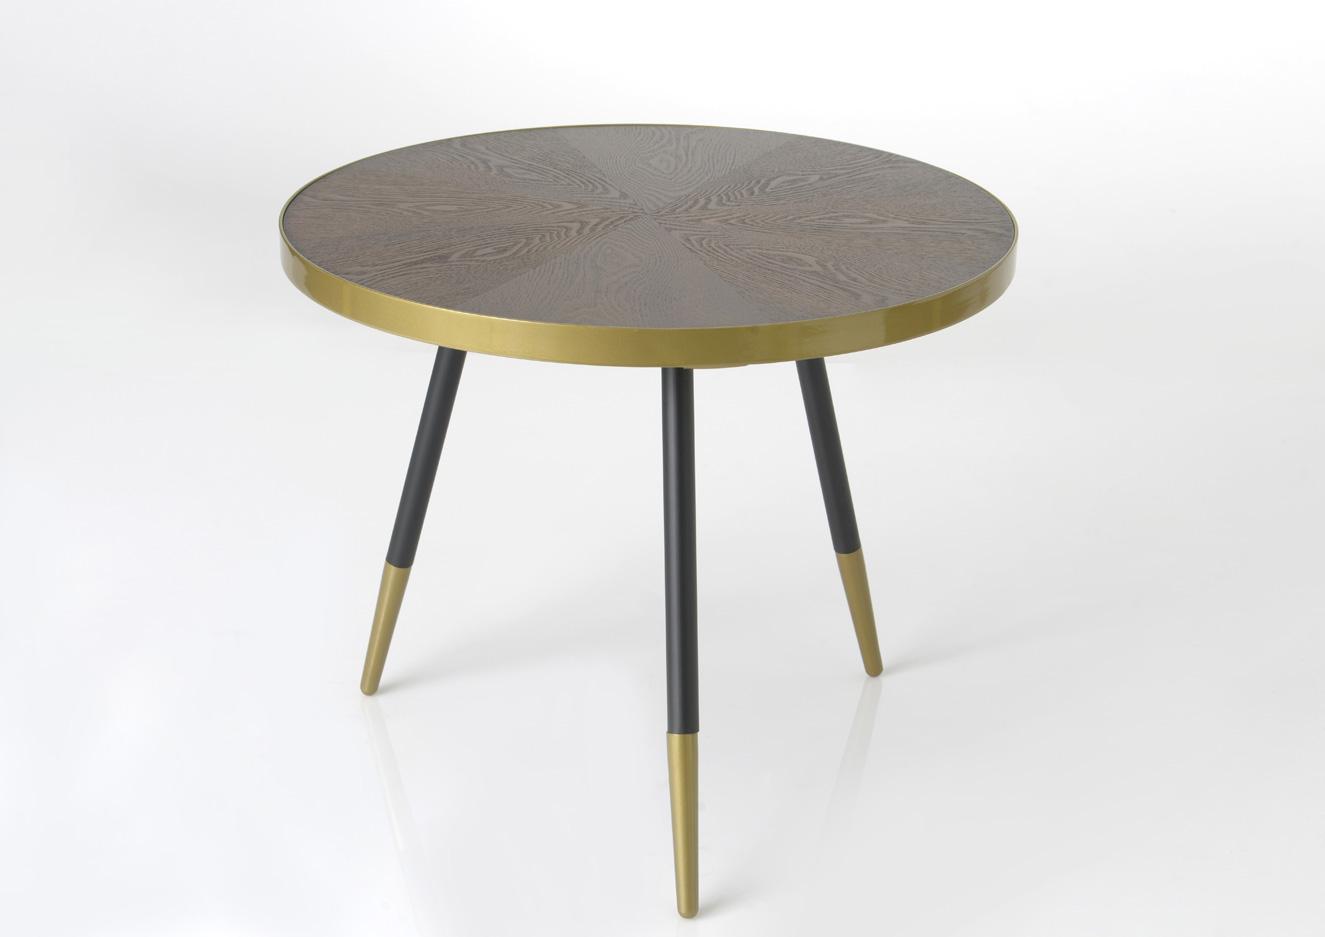 Table Basse Ronde Art Deco table basse plateau avec effets et cerclage doré et pieds noirs et dorés  d81xh45cm art-deco